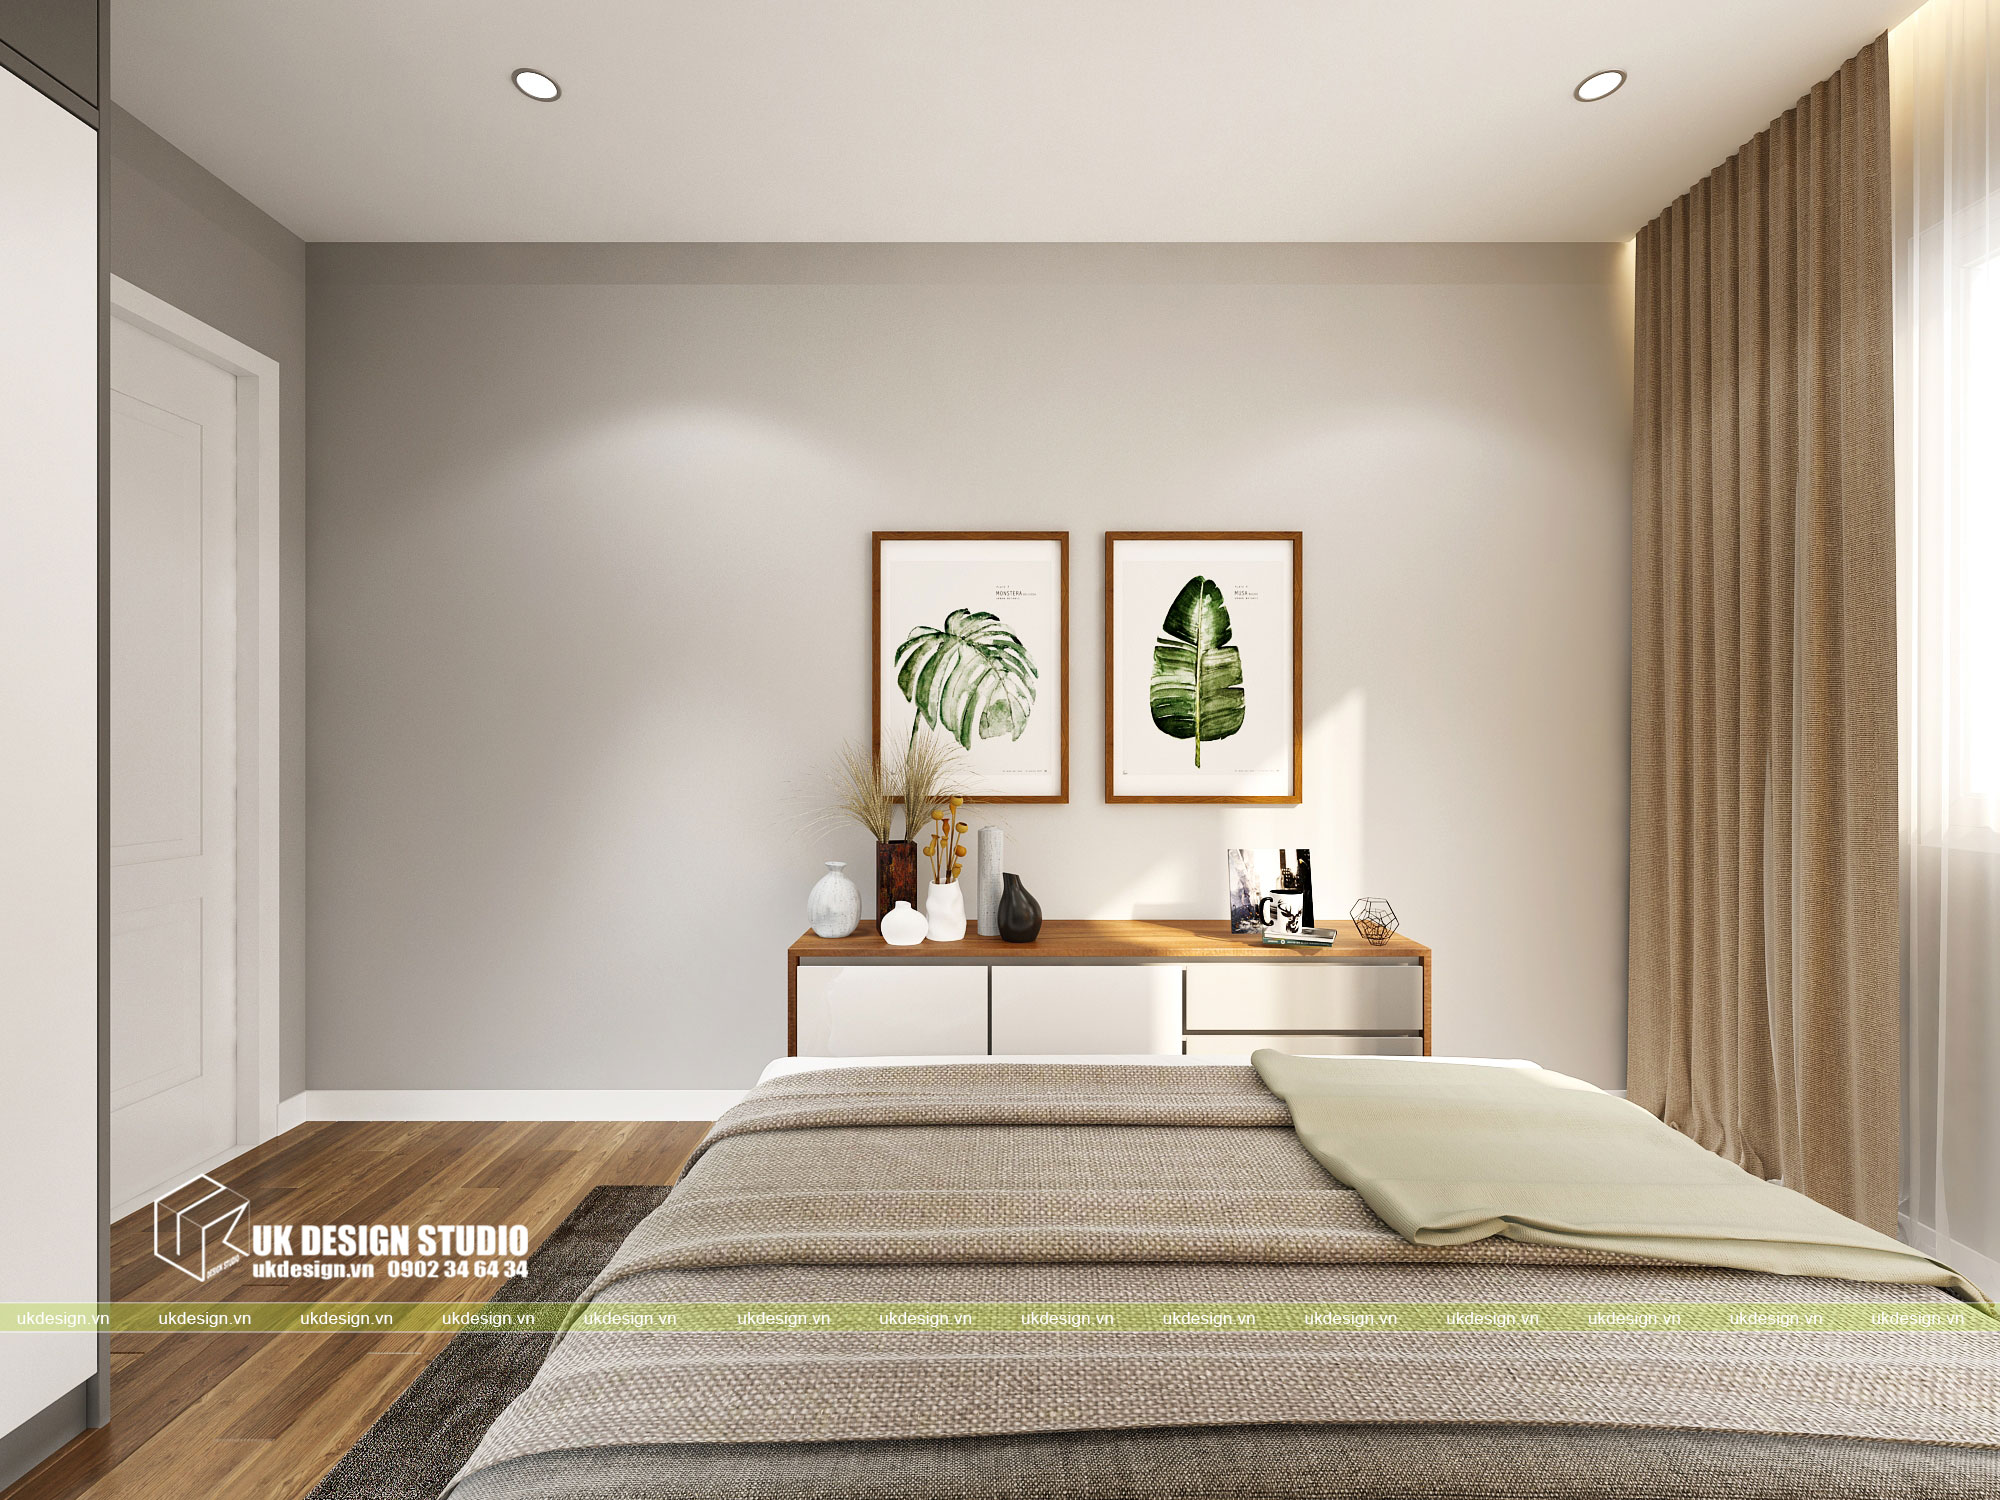 Thiết kế nội thất căn hộ 2 phòng ngủ 7